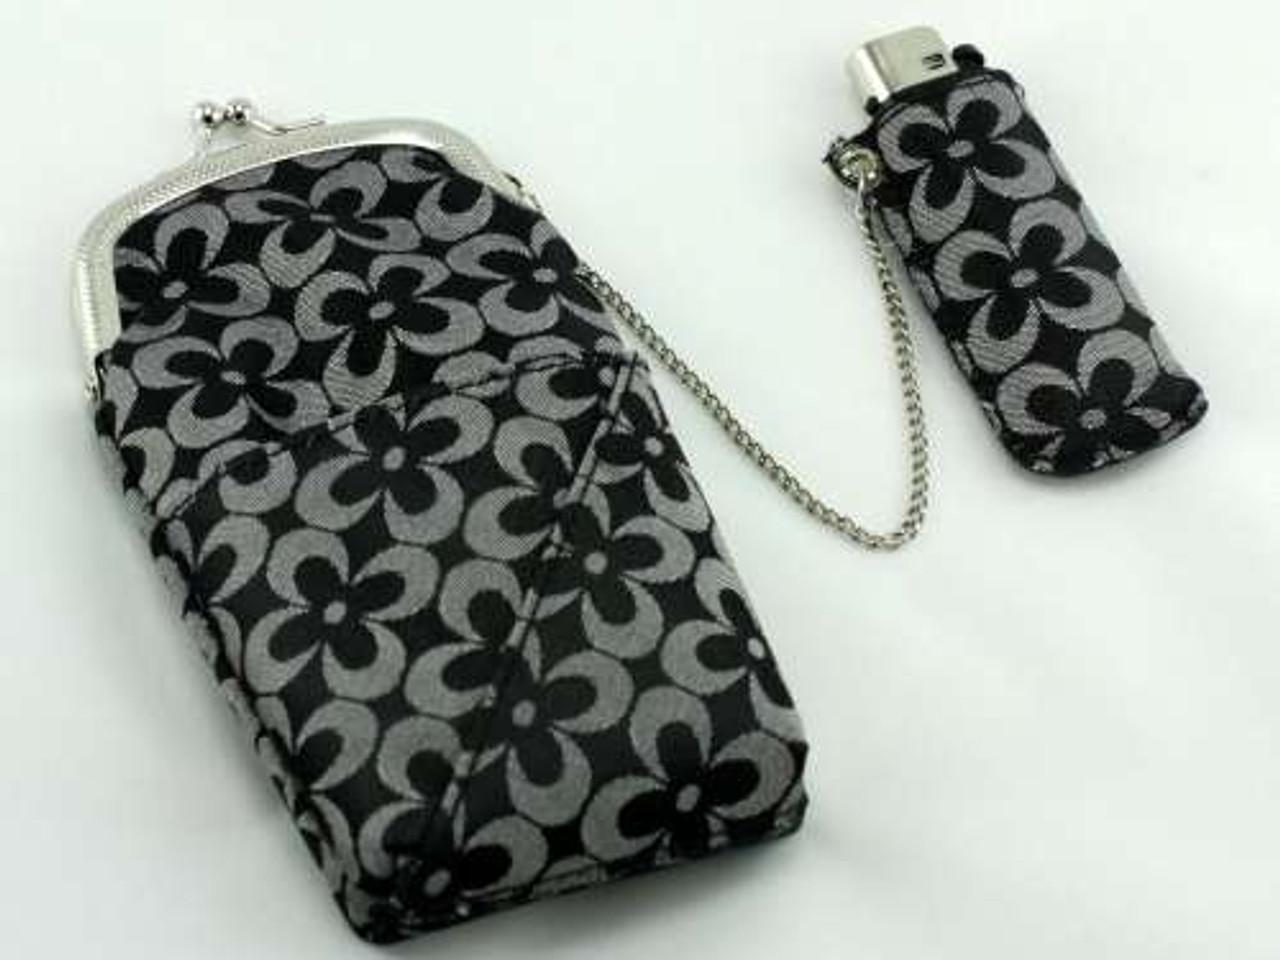 Black Floral 120 Cigarette Pack Holder